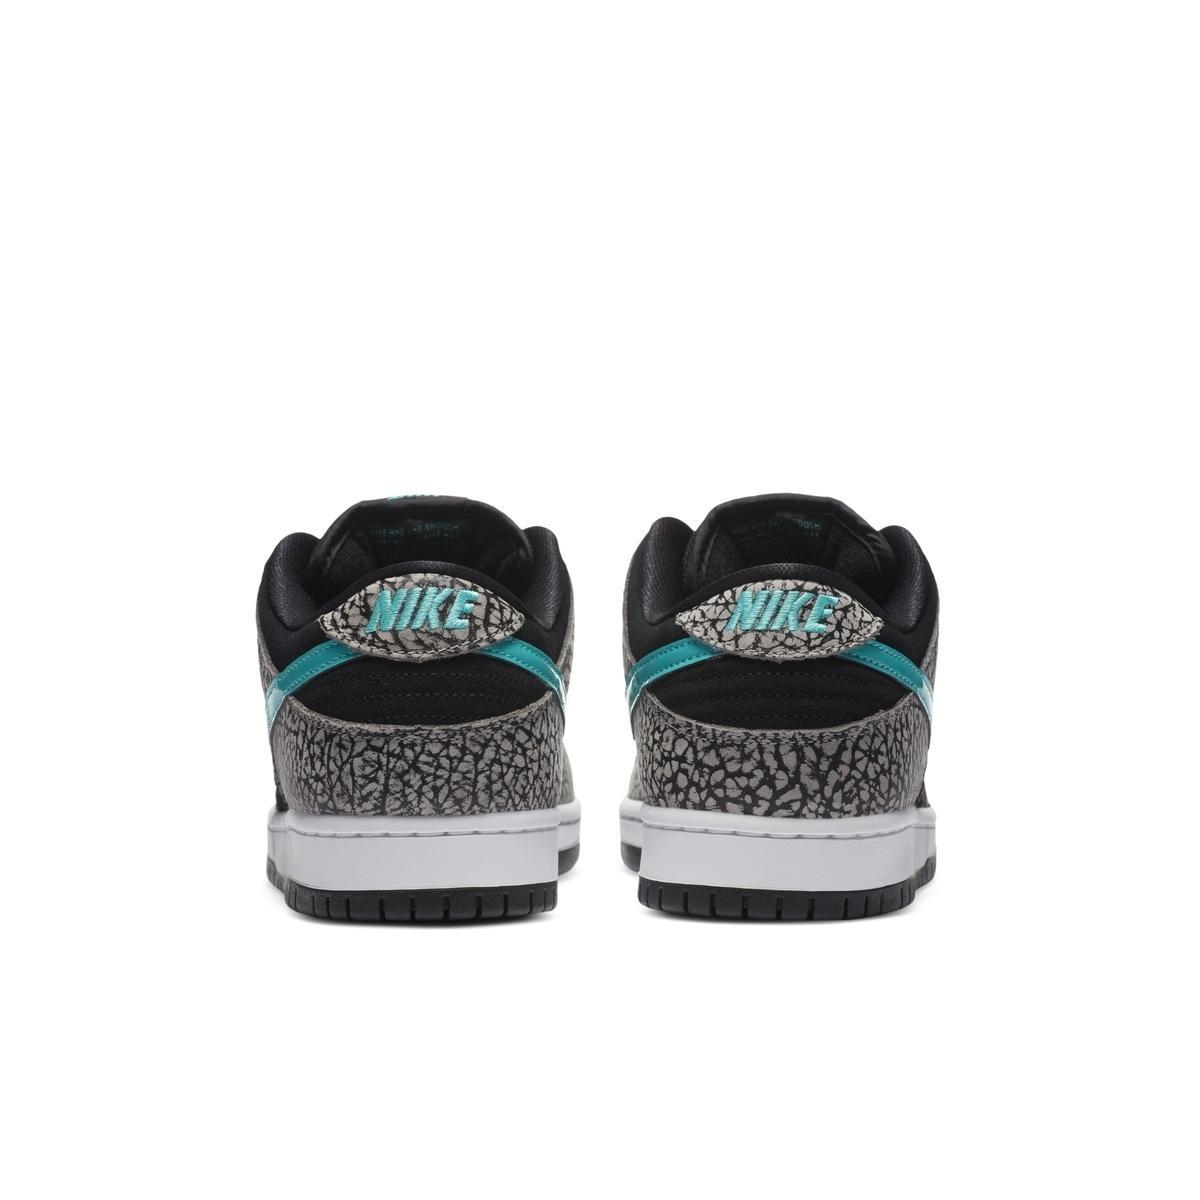 """预览全新中灰/黑/白/翡翠绿色Nike SB Dunk Low """"Elephant""""官方产品图"""